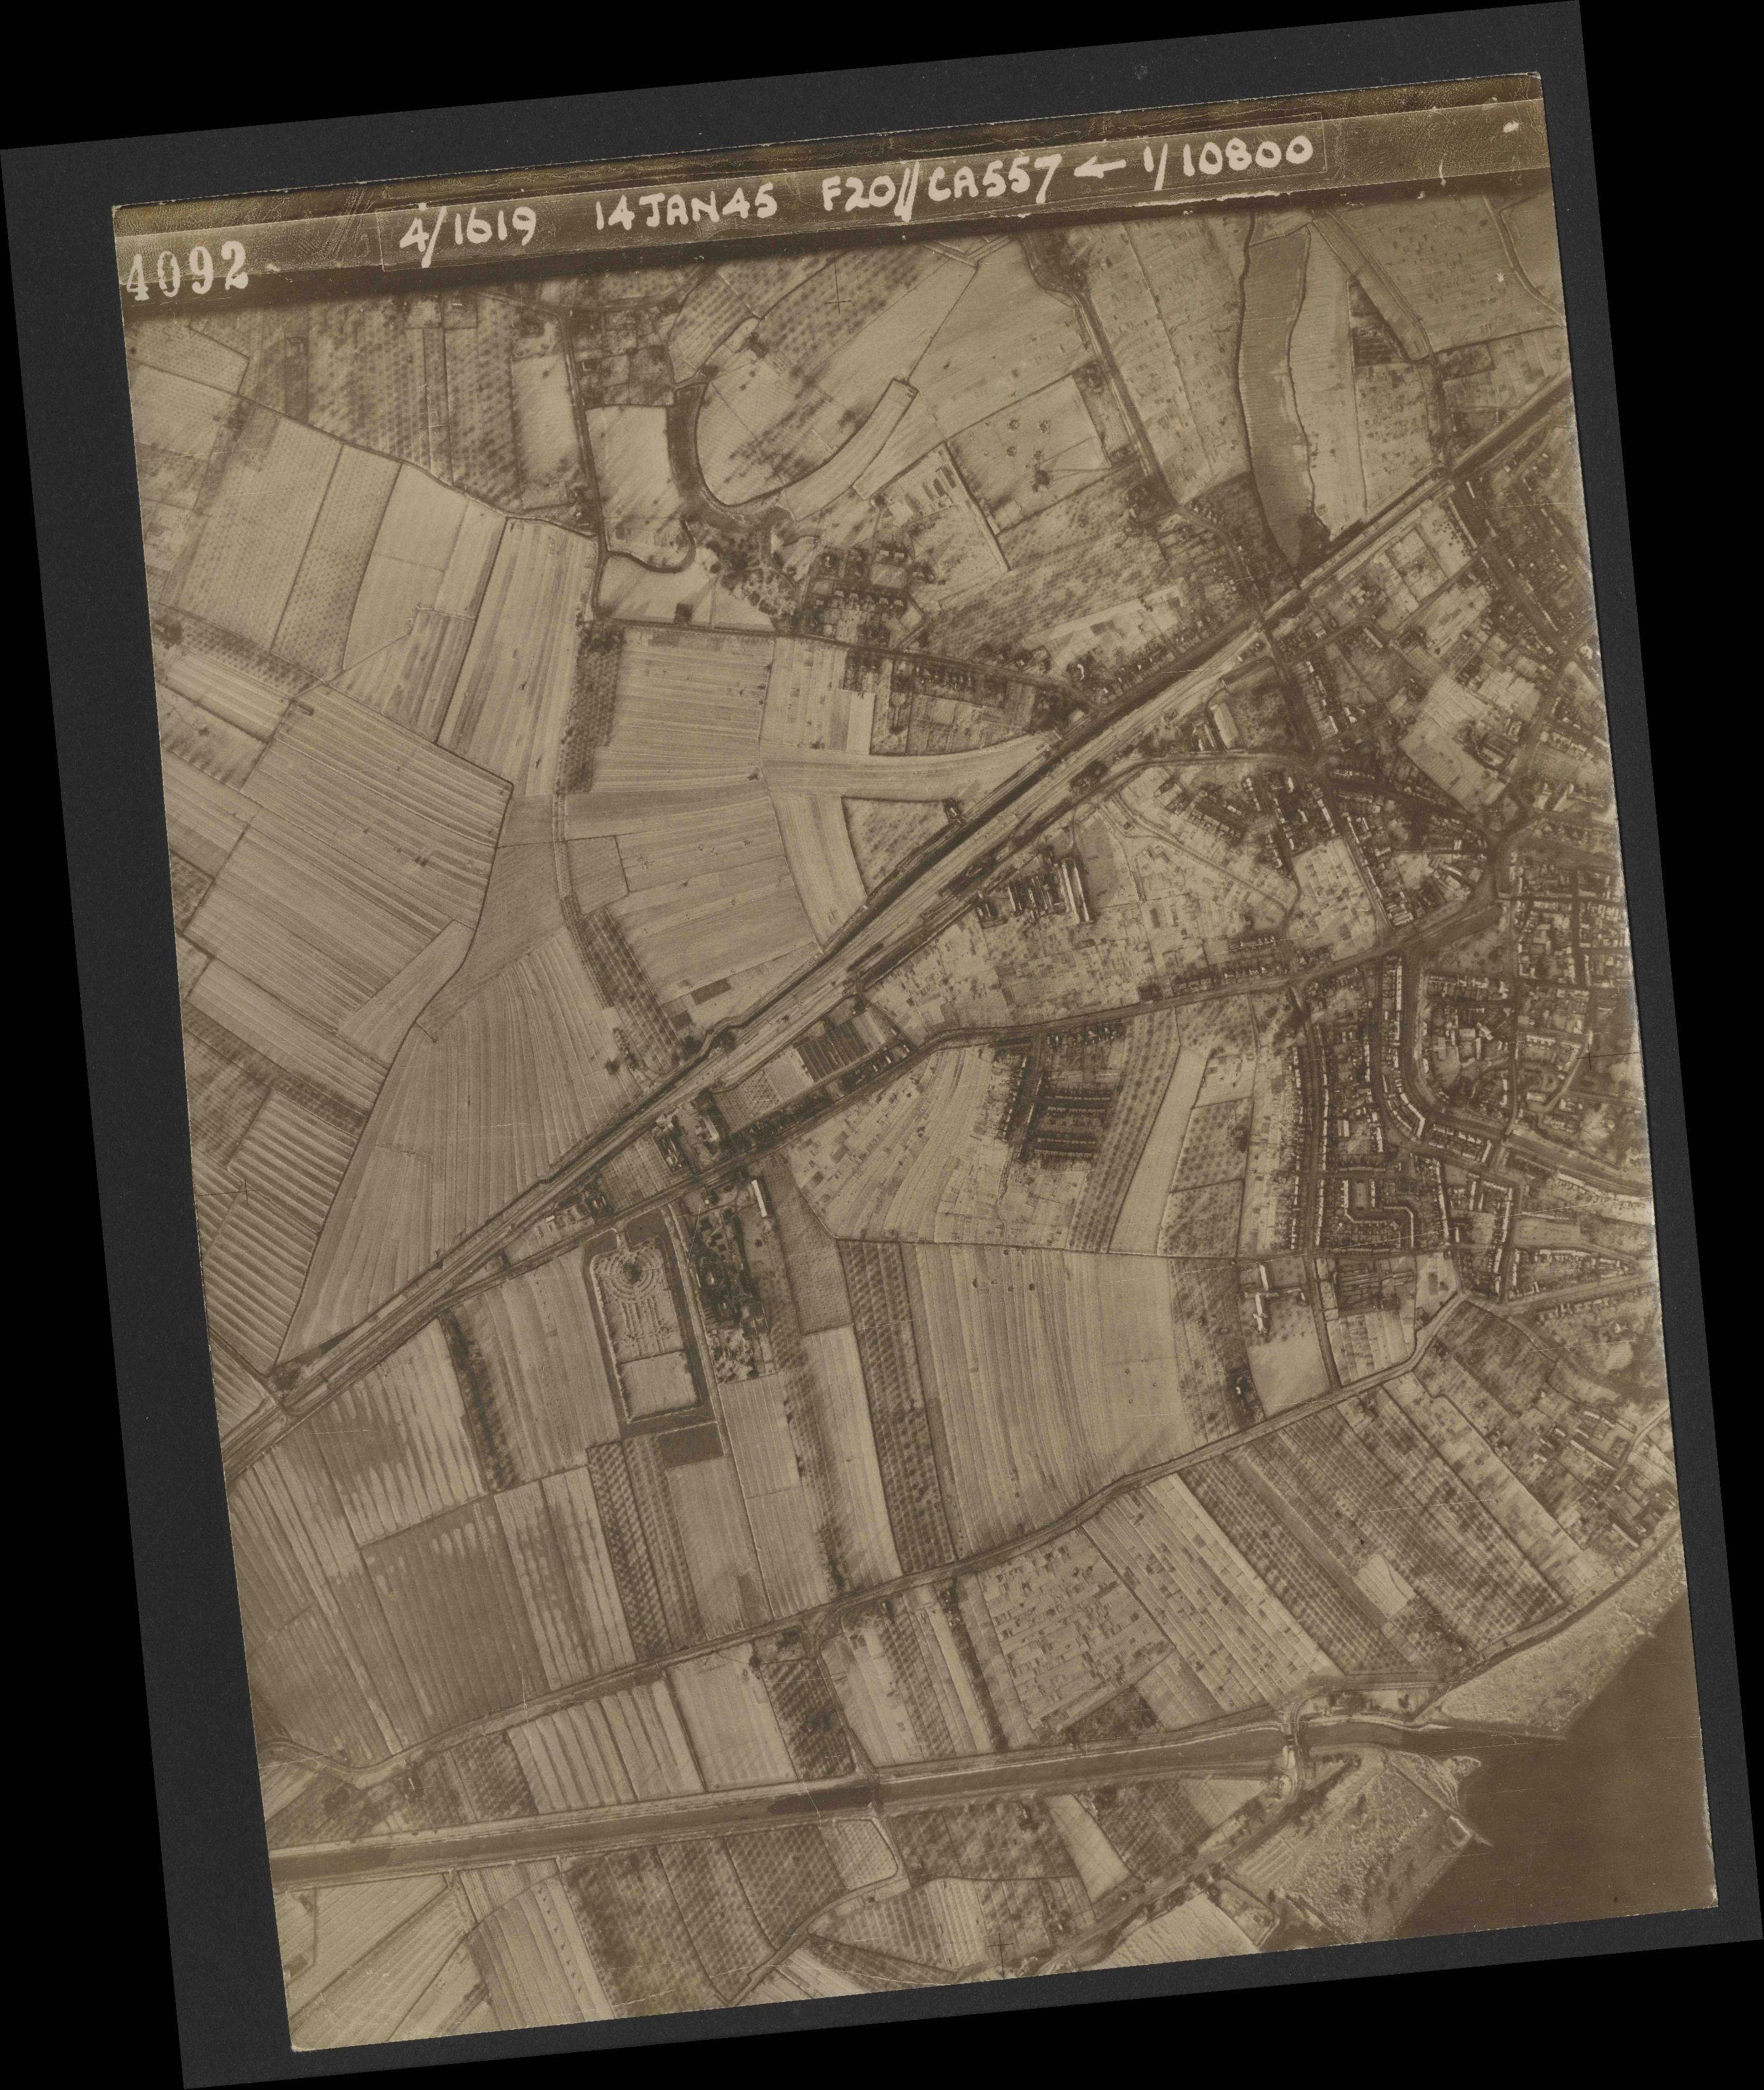 Collection RAF aerial photos 1940-1945 - flight 291, run 02, photo 4092